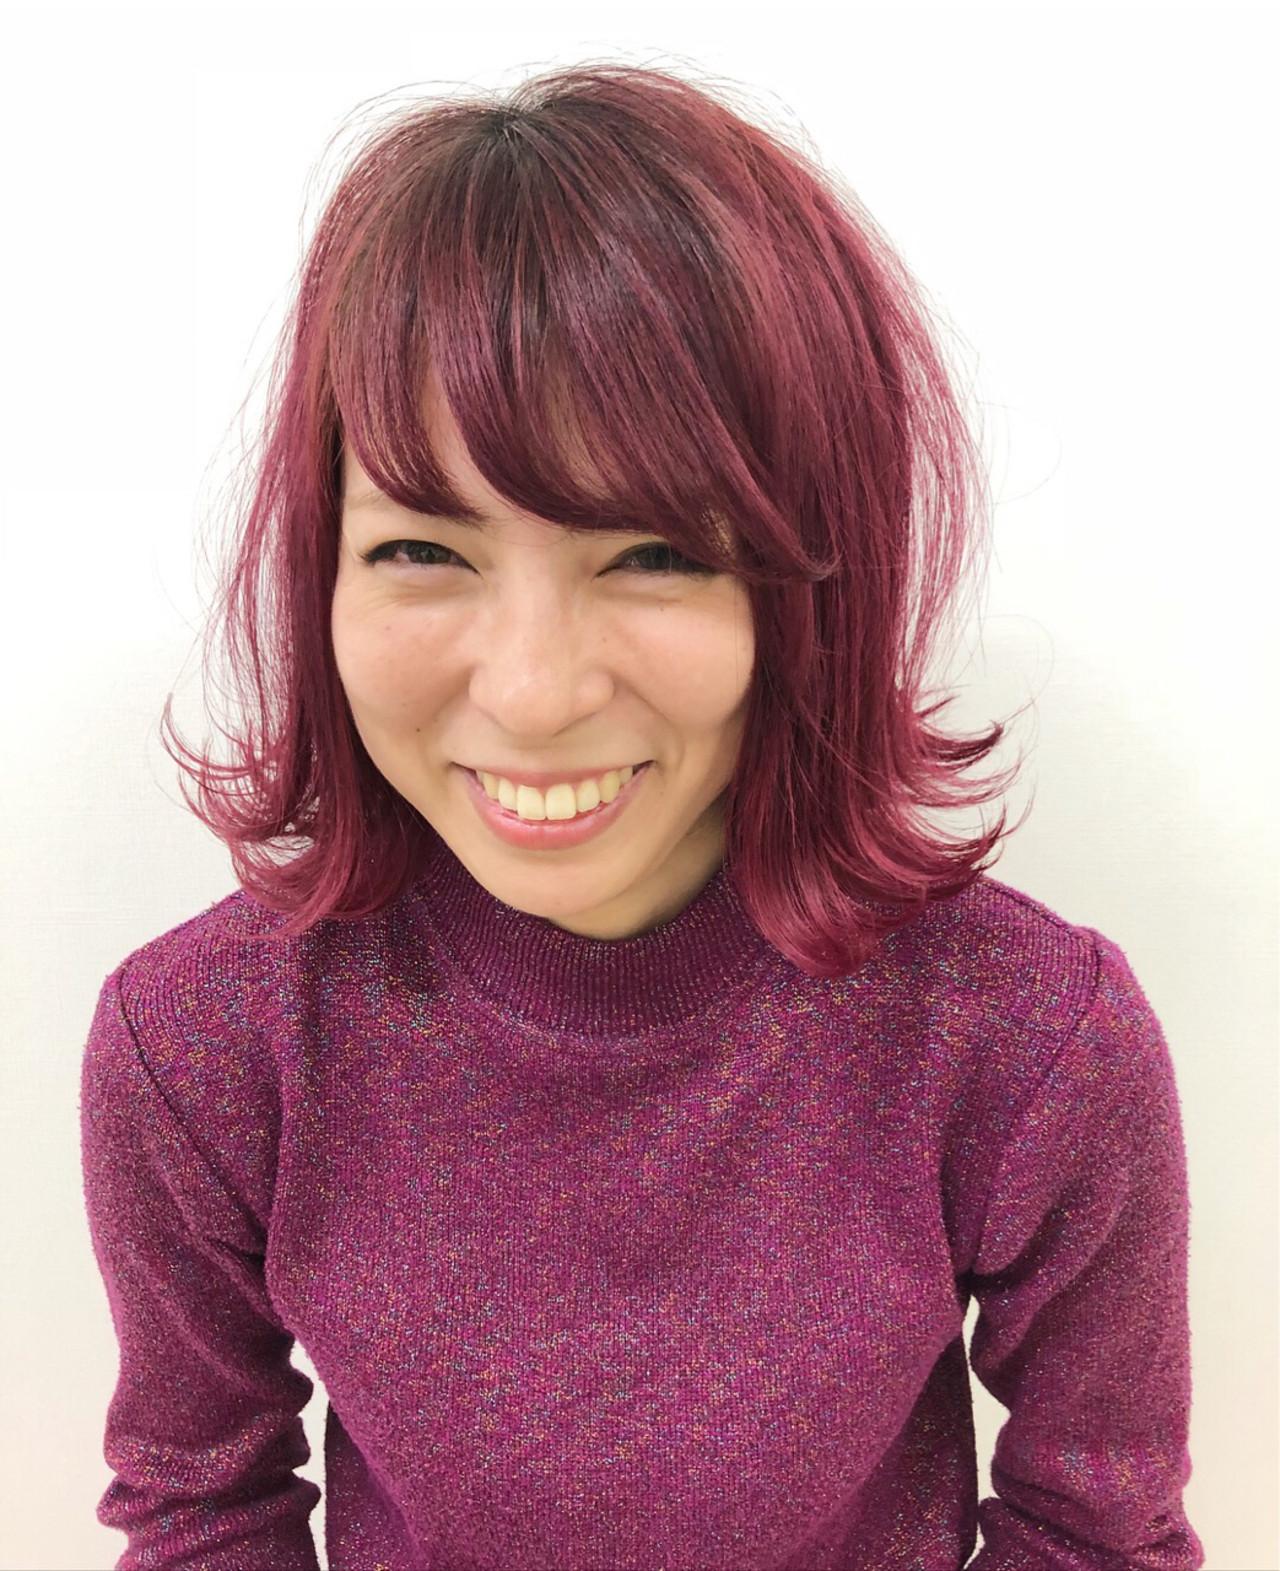 グラデーションカラー アンニュイ ガーリー ヘアアレンジ ヘアスタイルや髪型の写真・画像